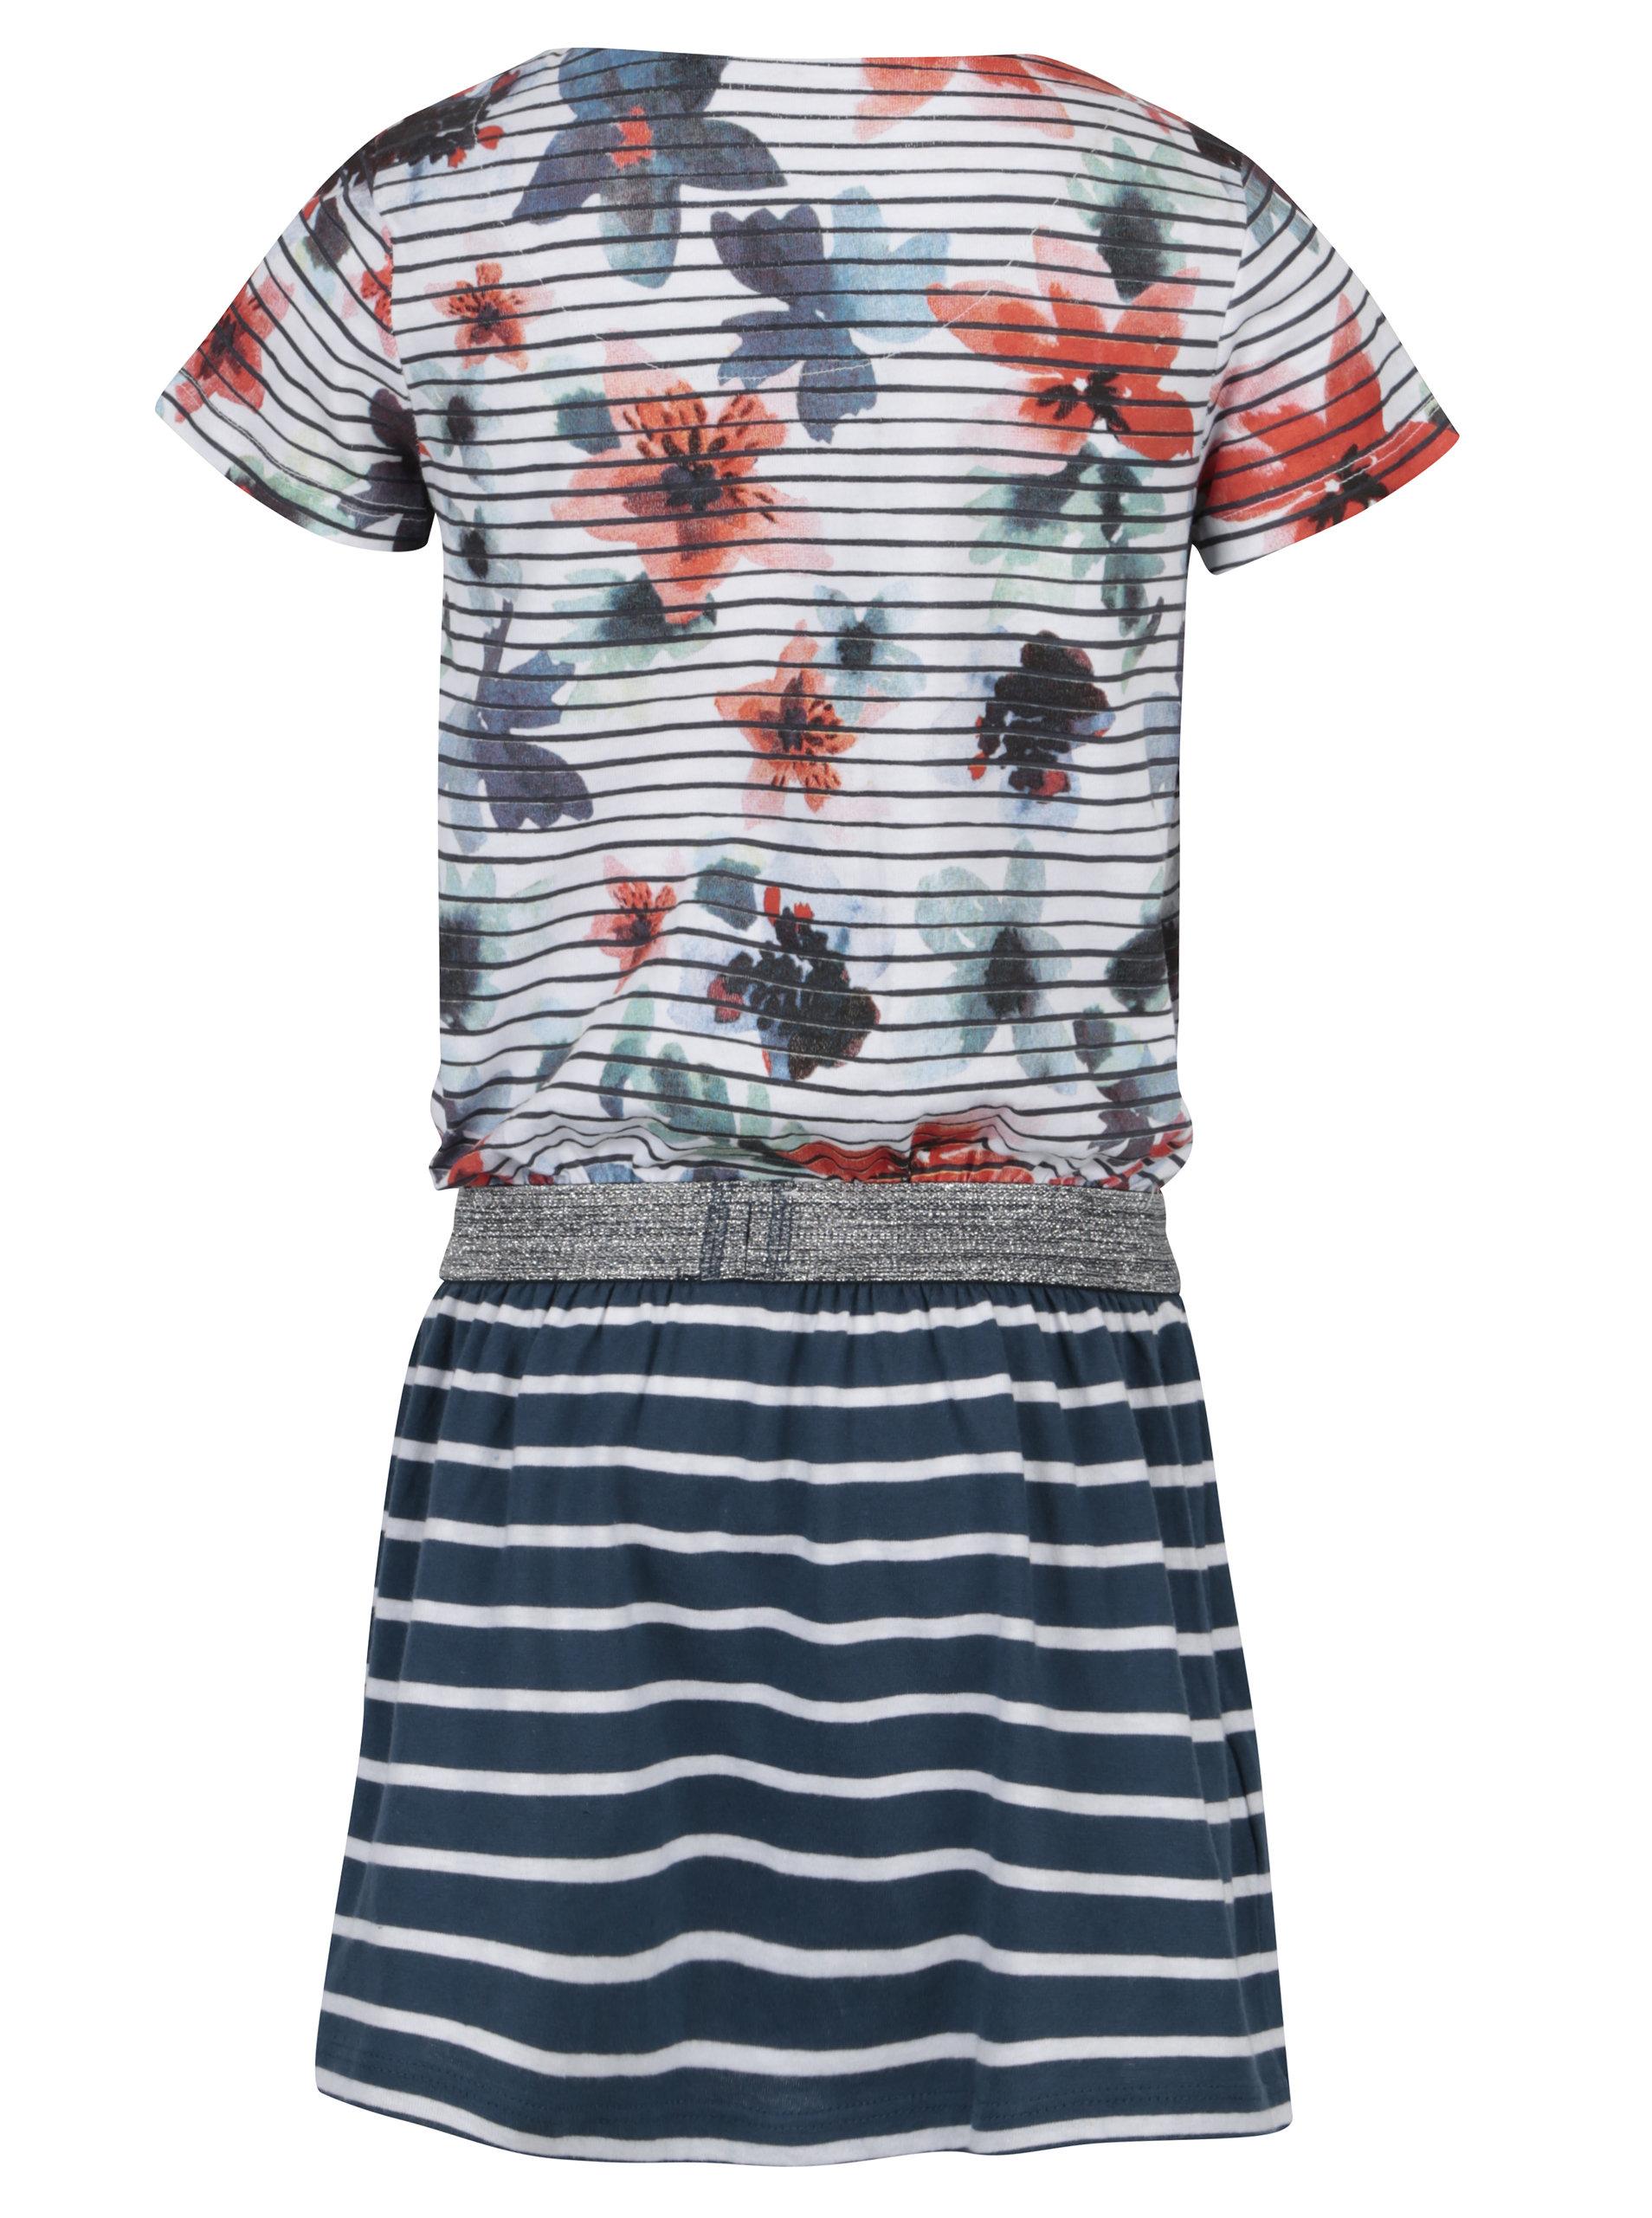 cad5fec0161b Bielo-modré dievčenské pruhované šaty Bóboli ...